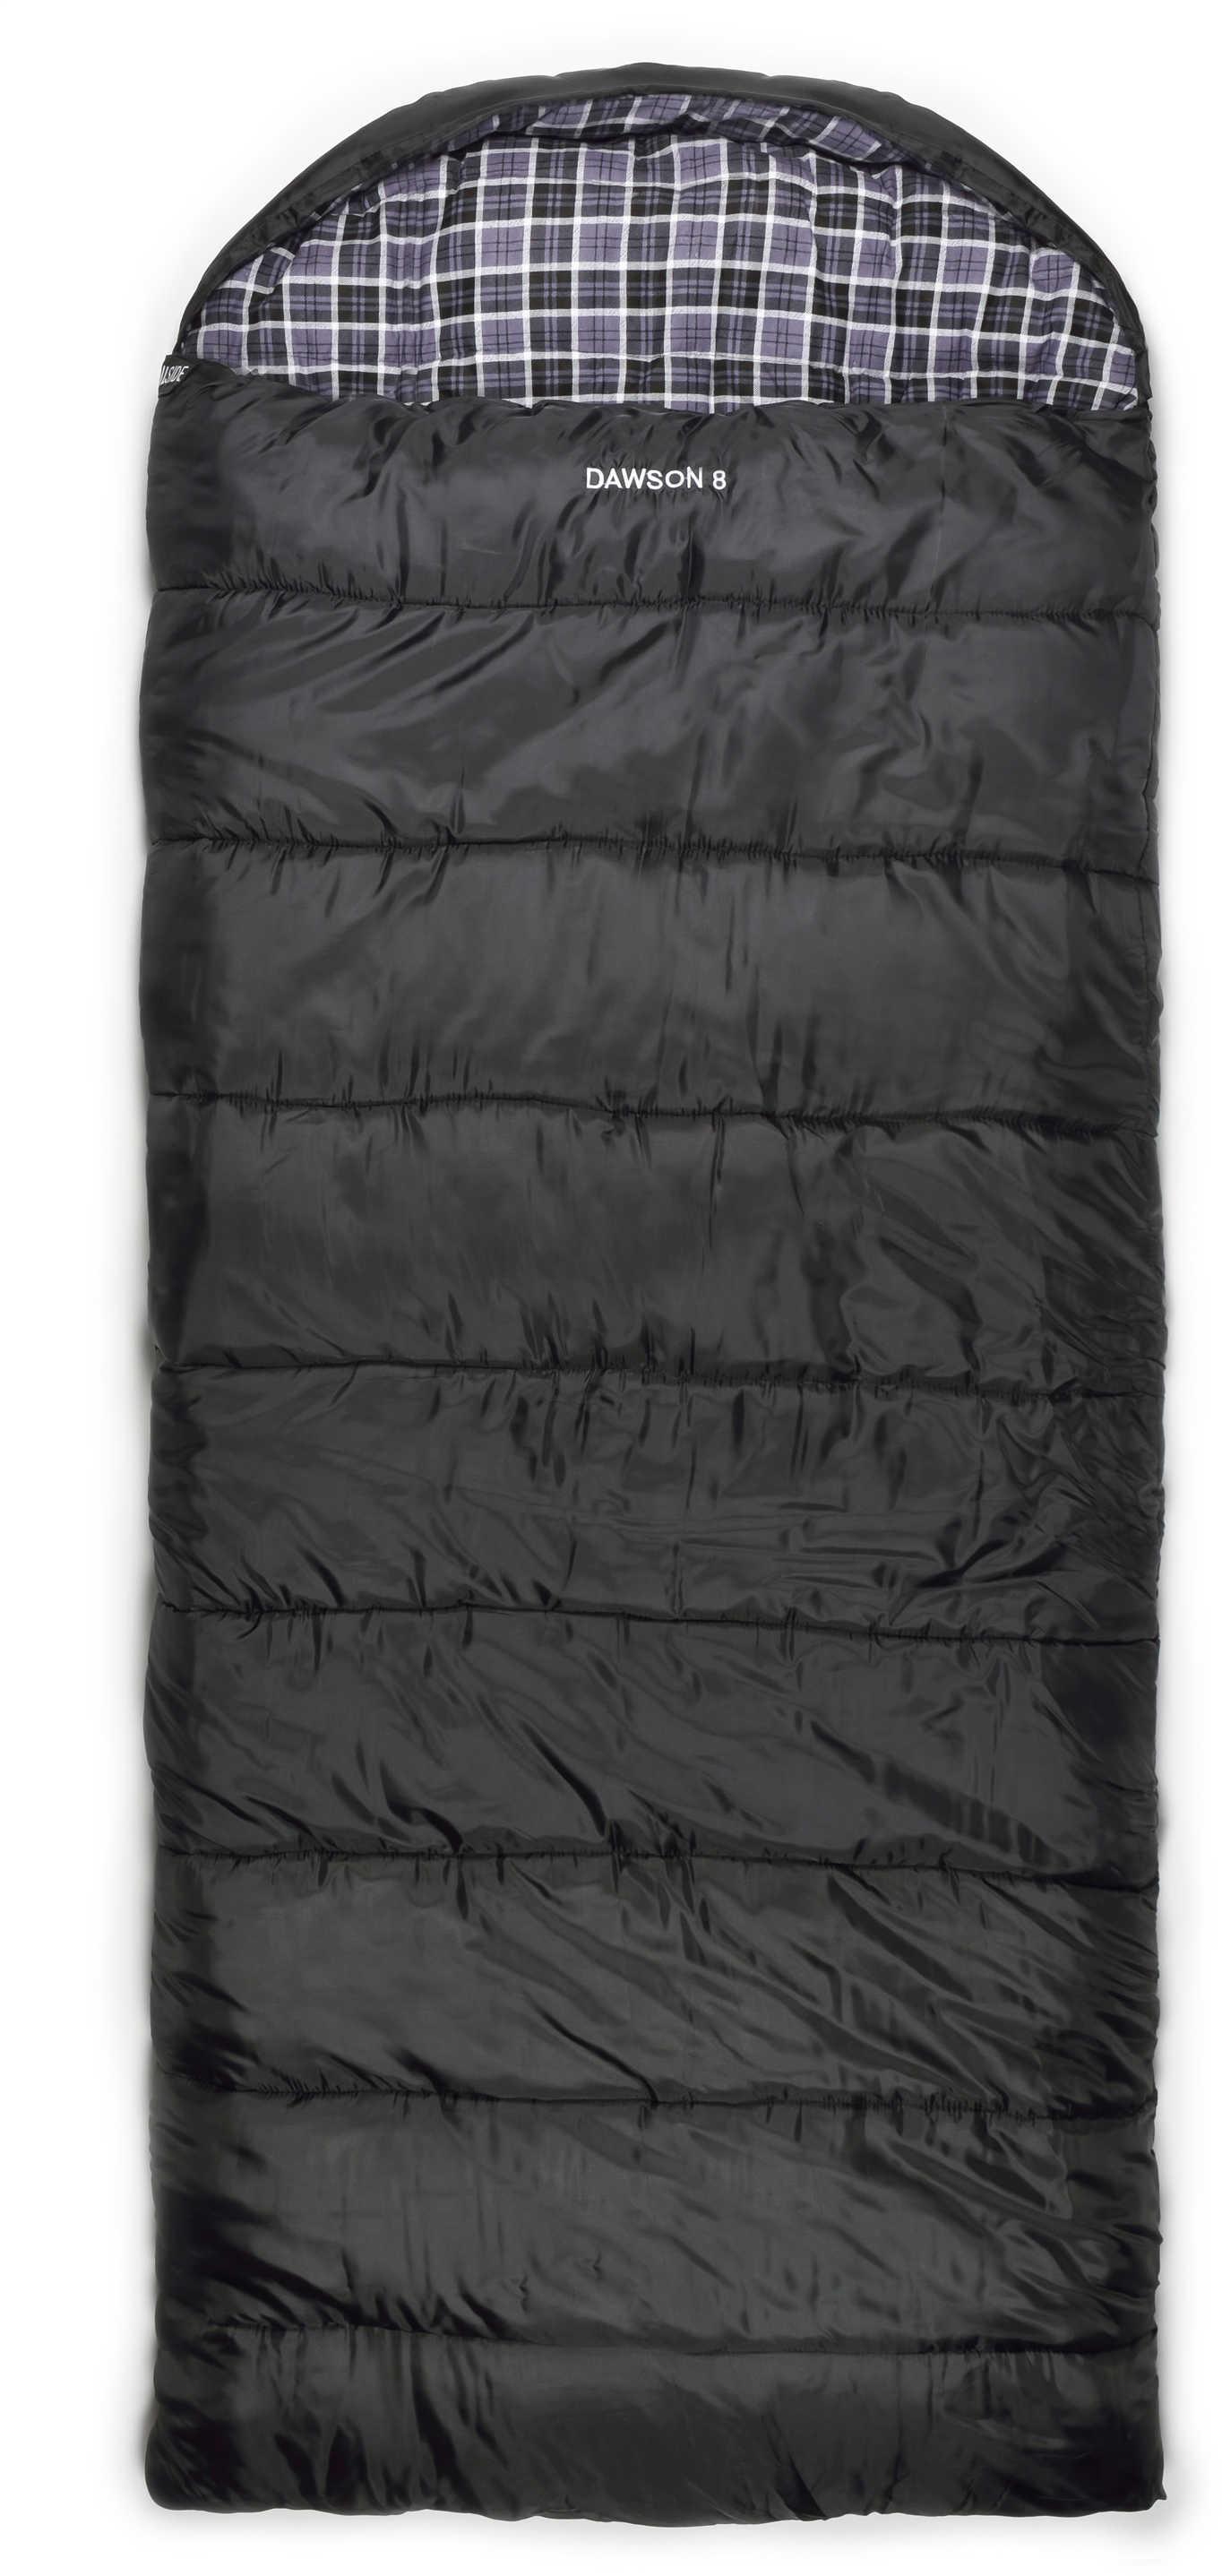 Dawson 8 Sleeping Bag Md: 27285